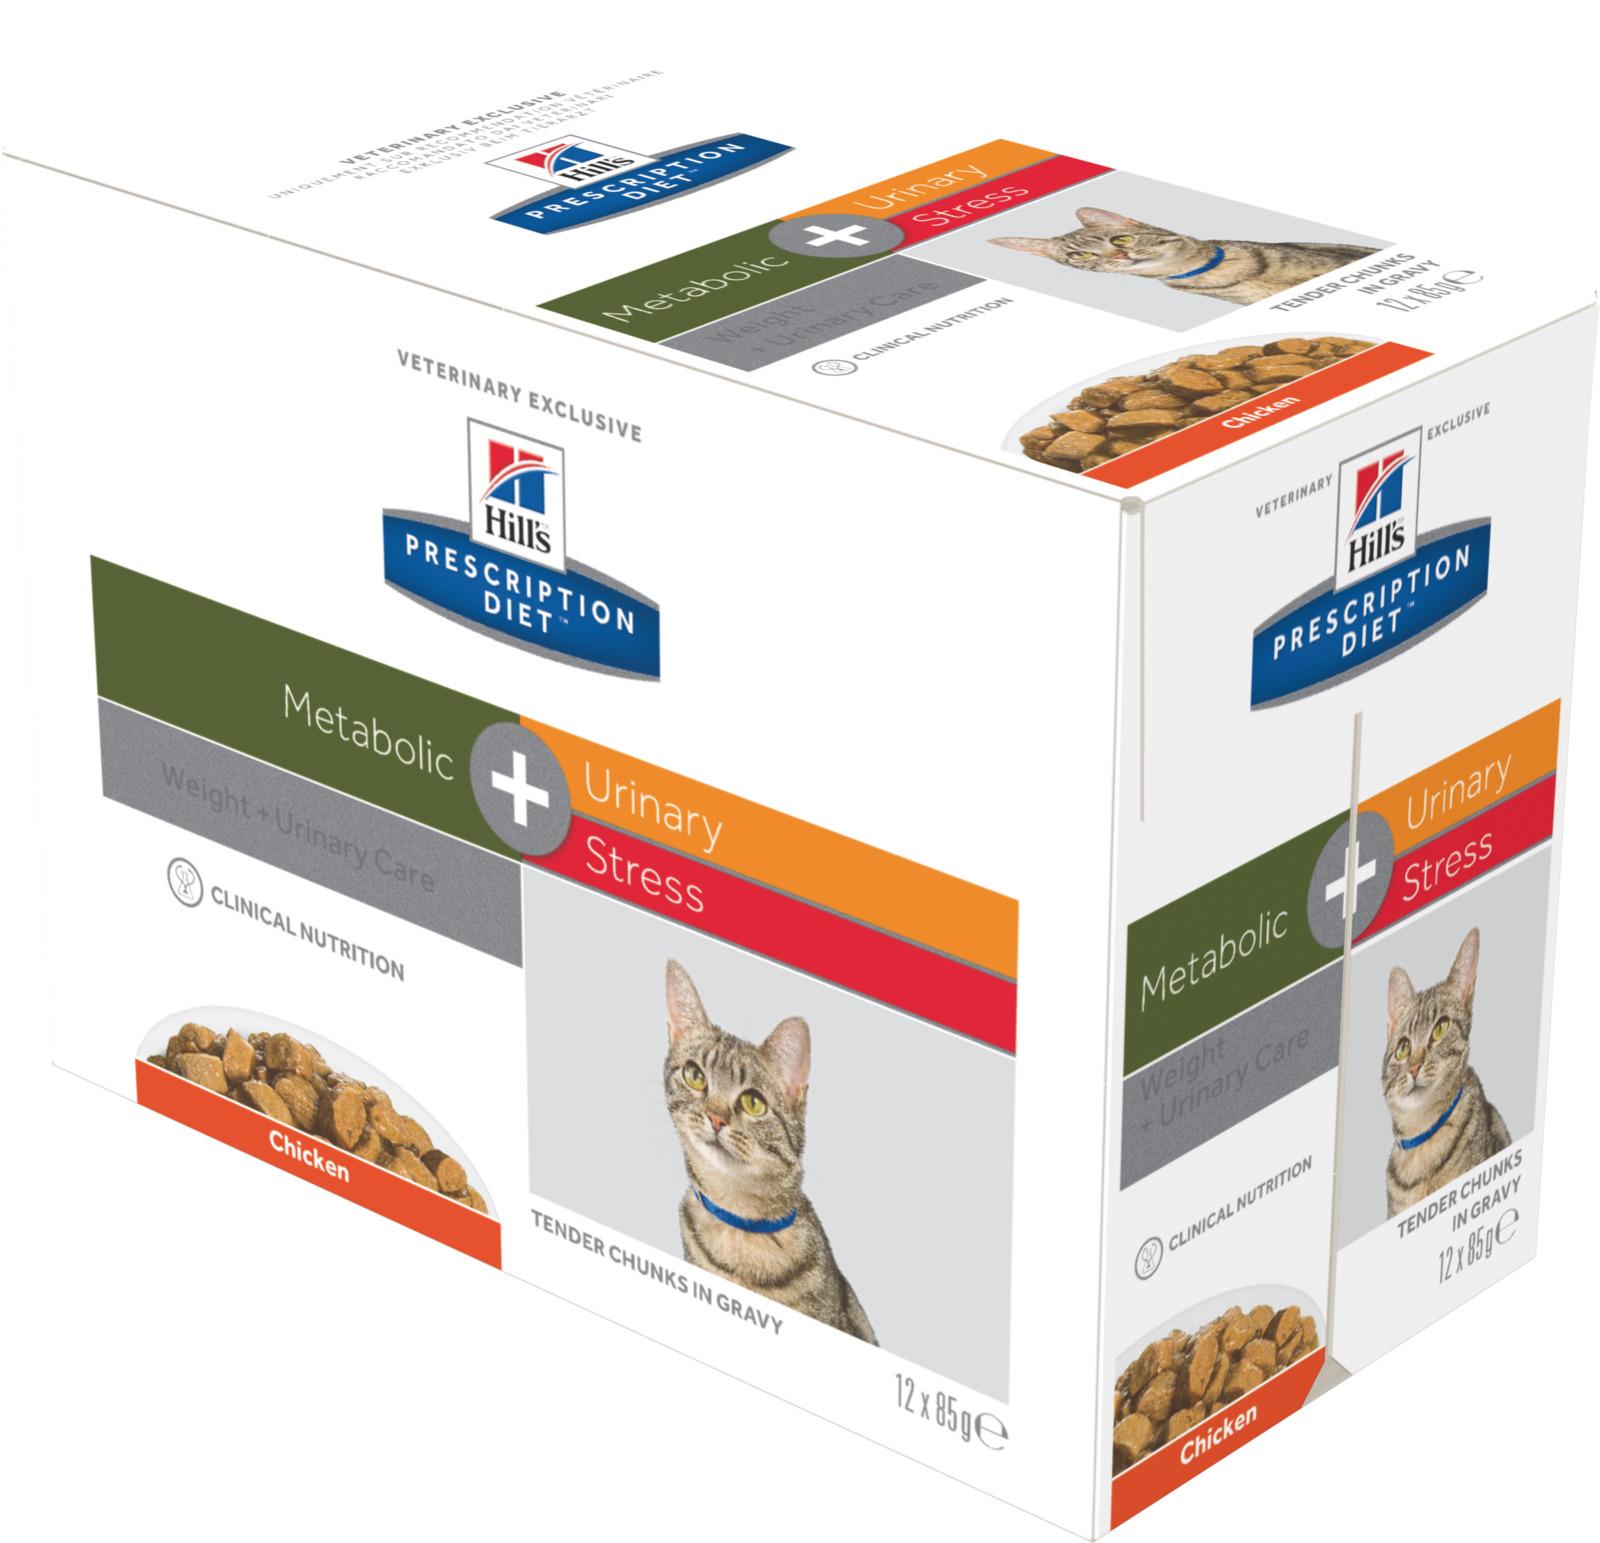 Корм влажный для кошек Hill's Prescription Diet Metabolic + Urinary Stress Feline, для коррекции веса и поддержания здоровья при мочекаменной болезни, с курицей, 12 шт x 85 г (3750)